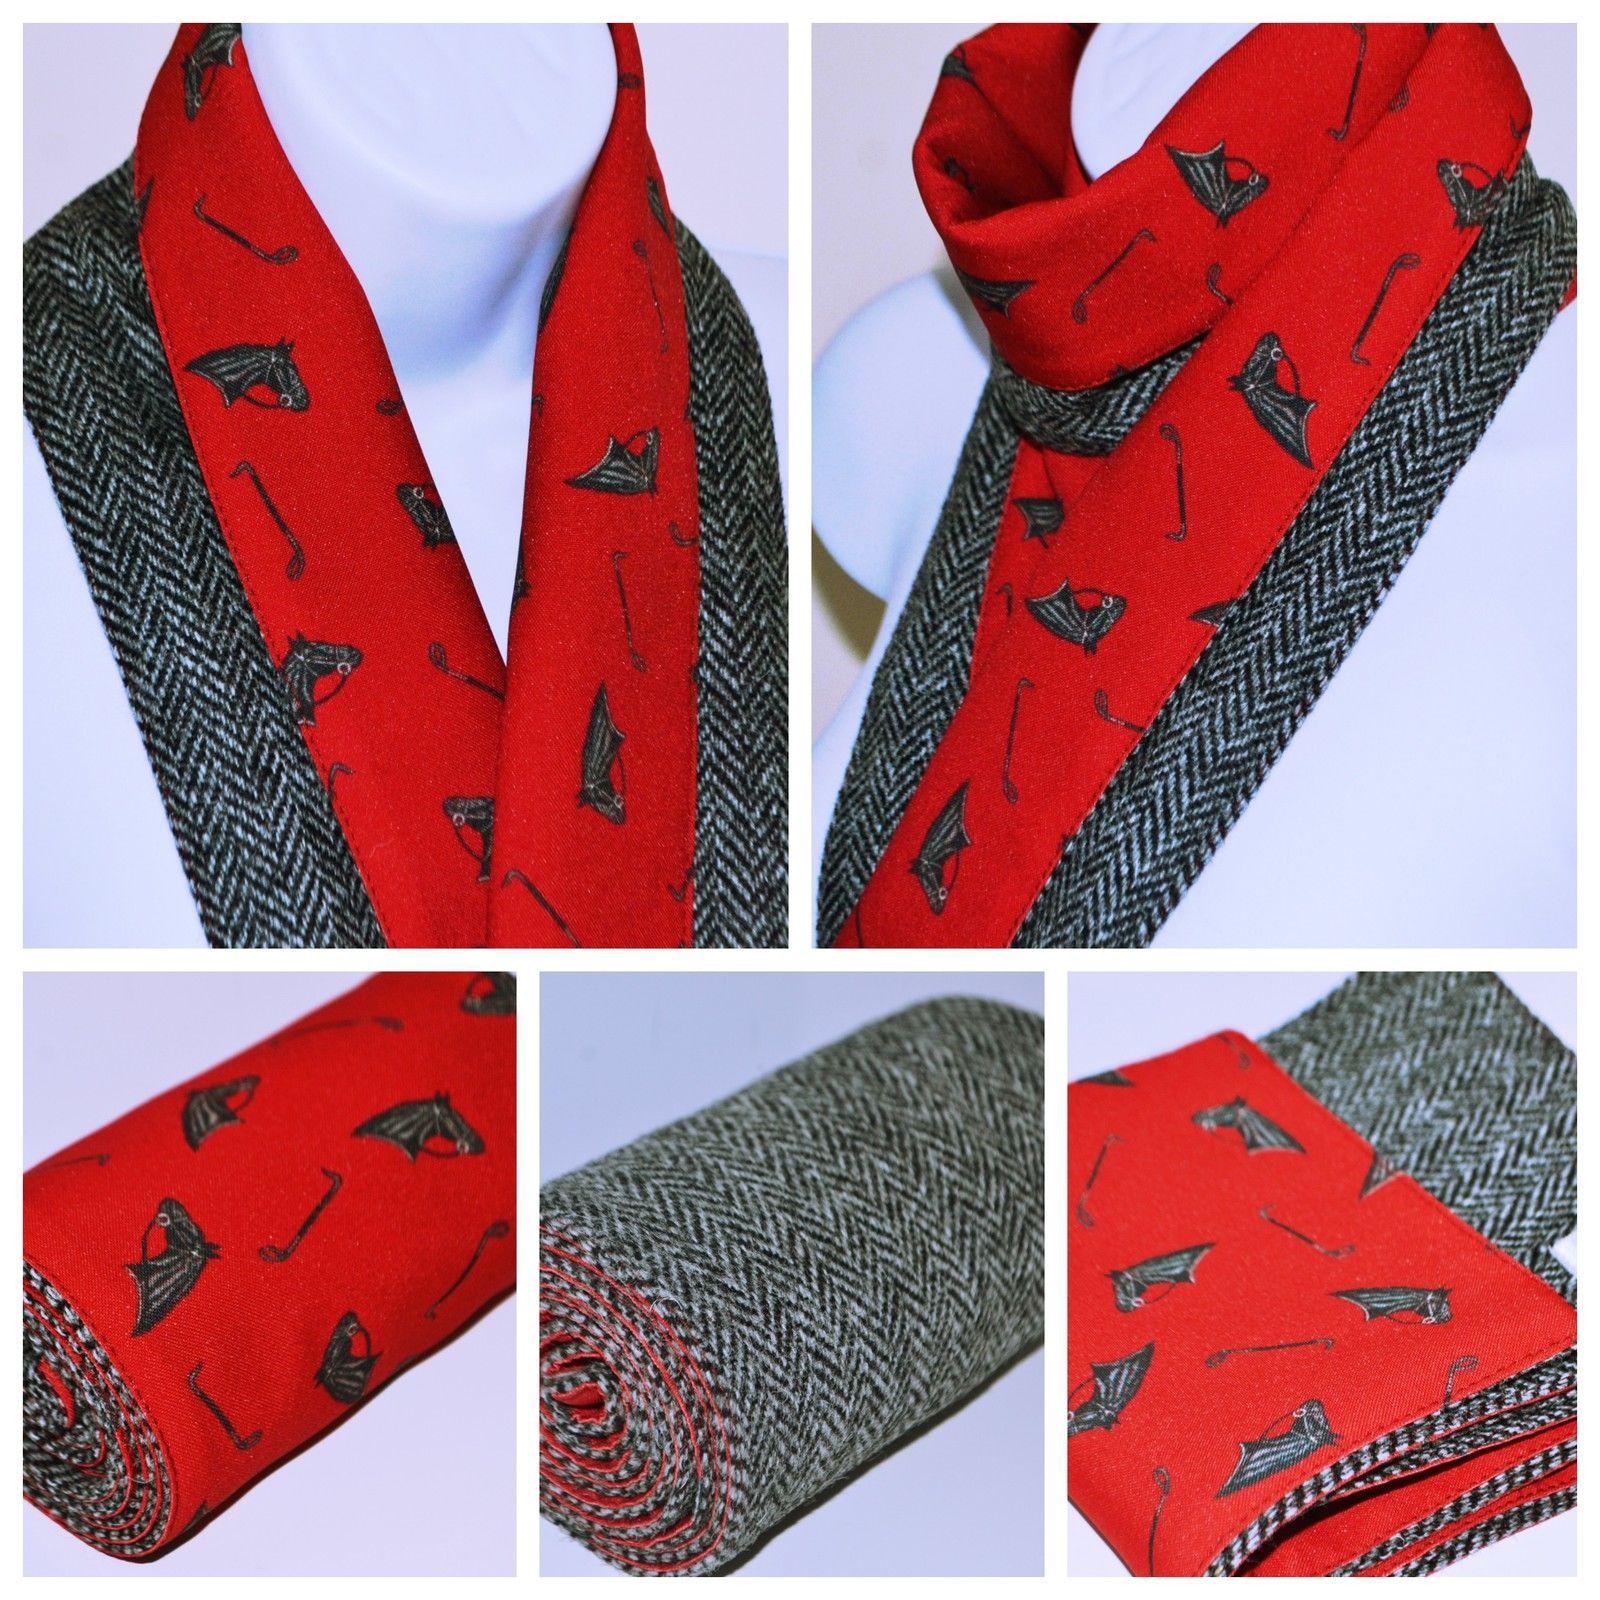 Black and white houndstooth scarf Harris Tweed 100/% wool